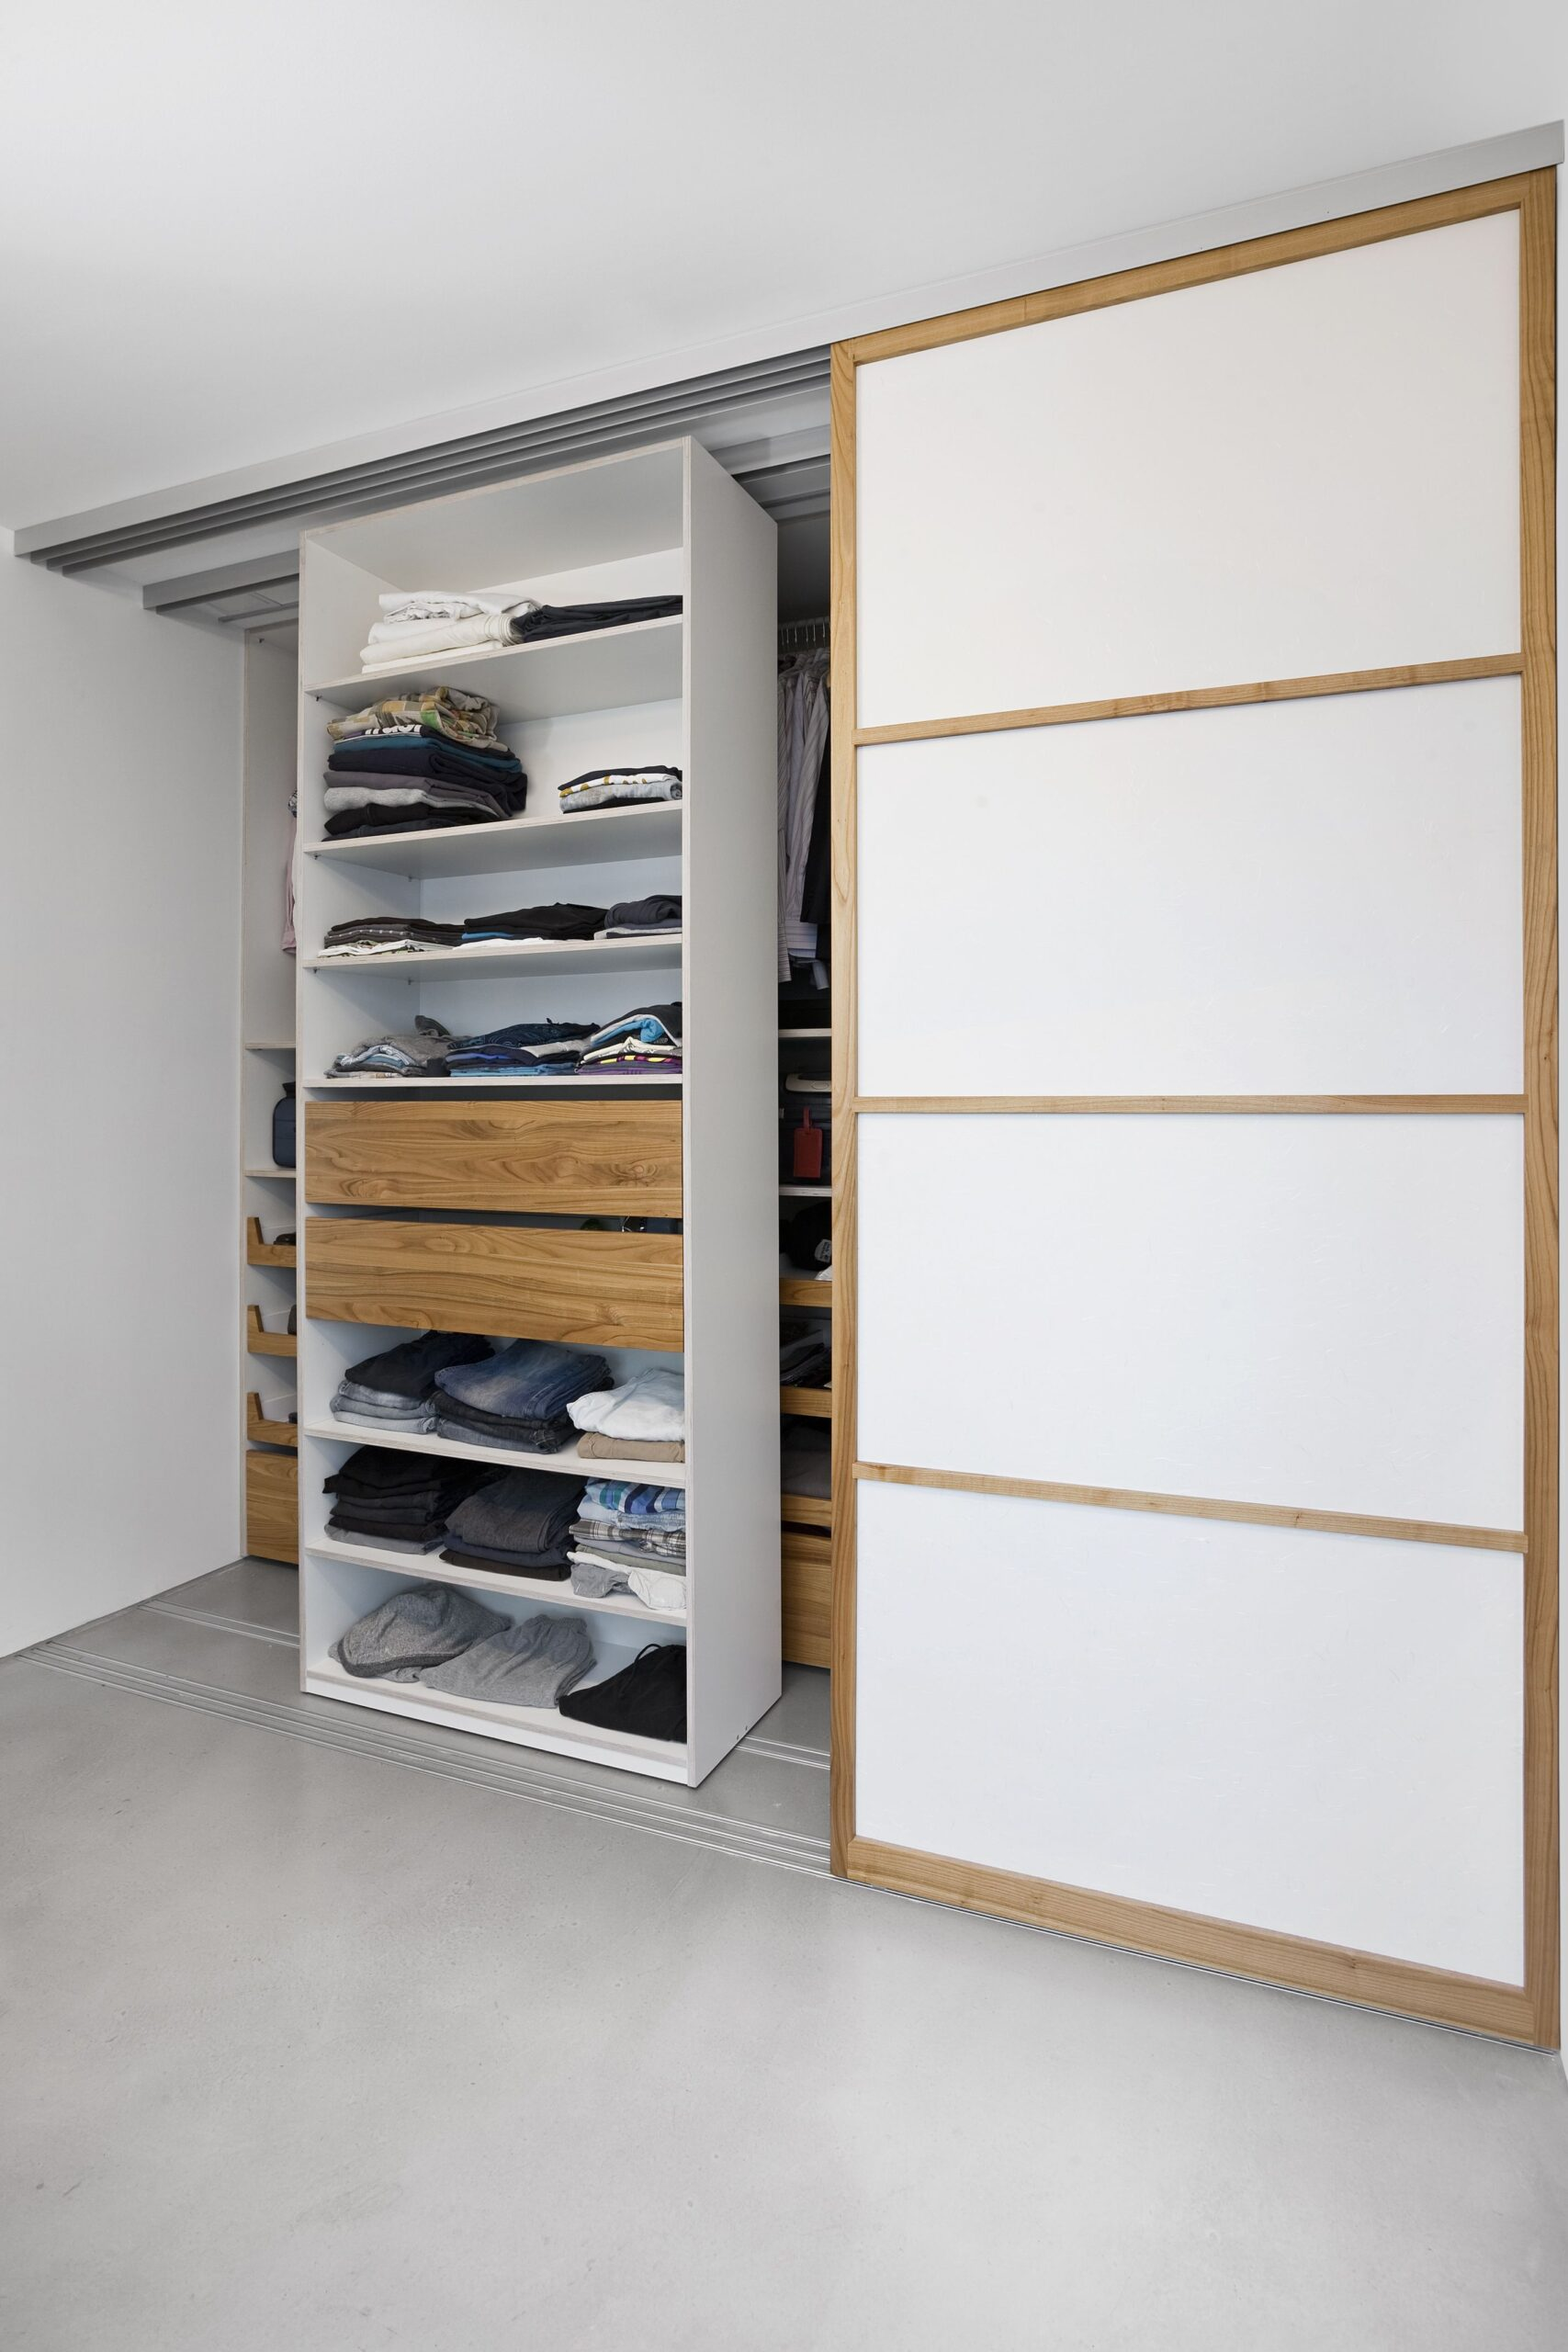 Full Size of Schlafzimmerschränke Kleiderschrank Begehbarer Schlafzimmerschrank Wohnzimmer Schlafzimmerschränke